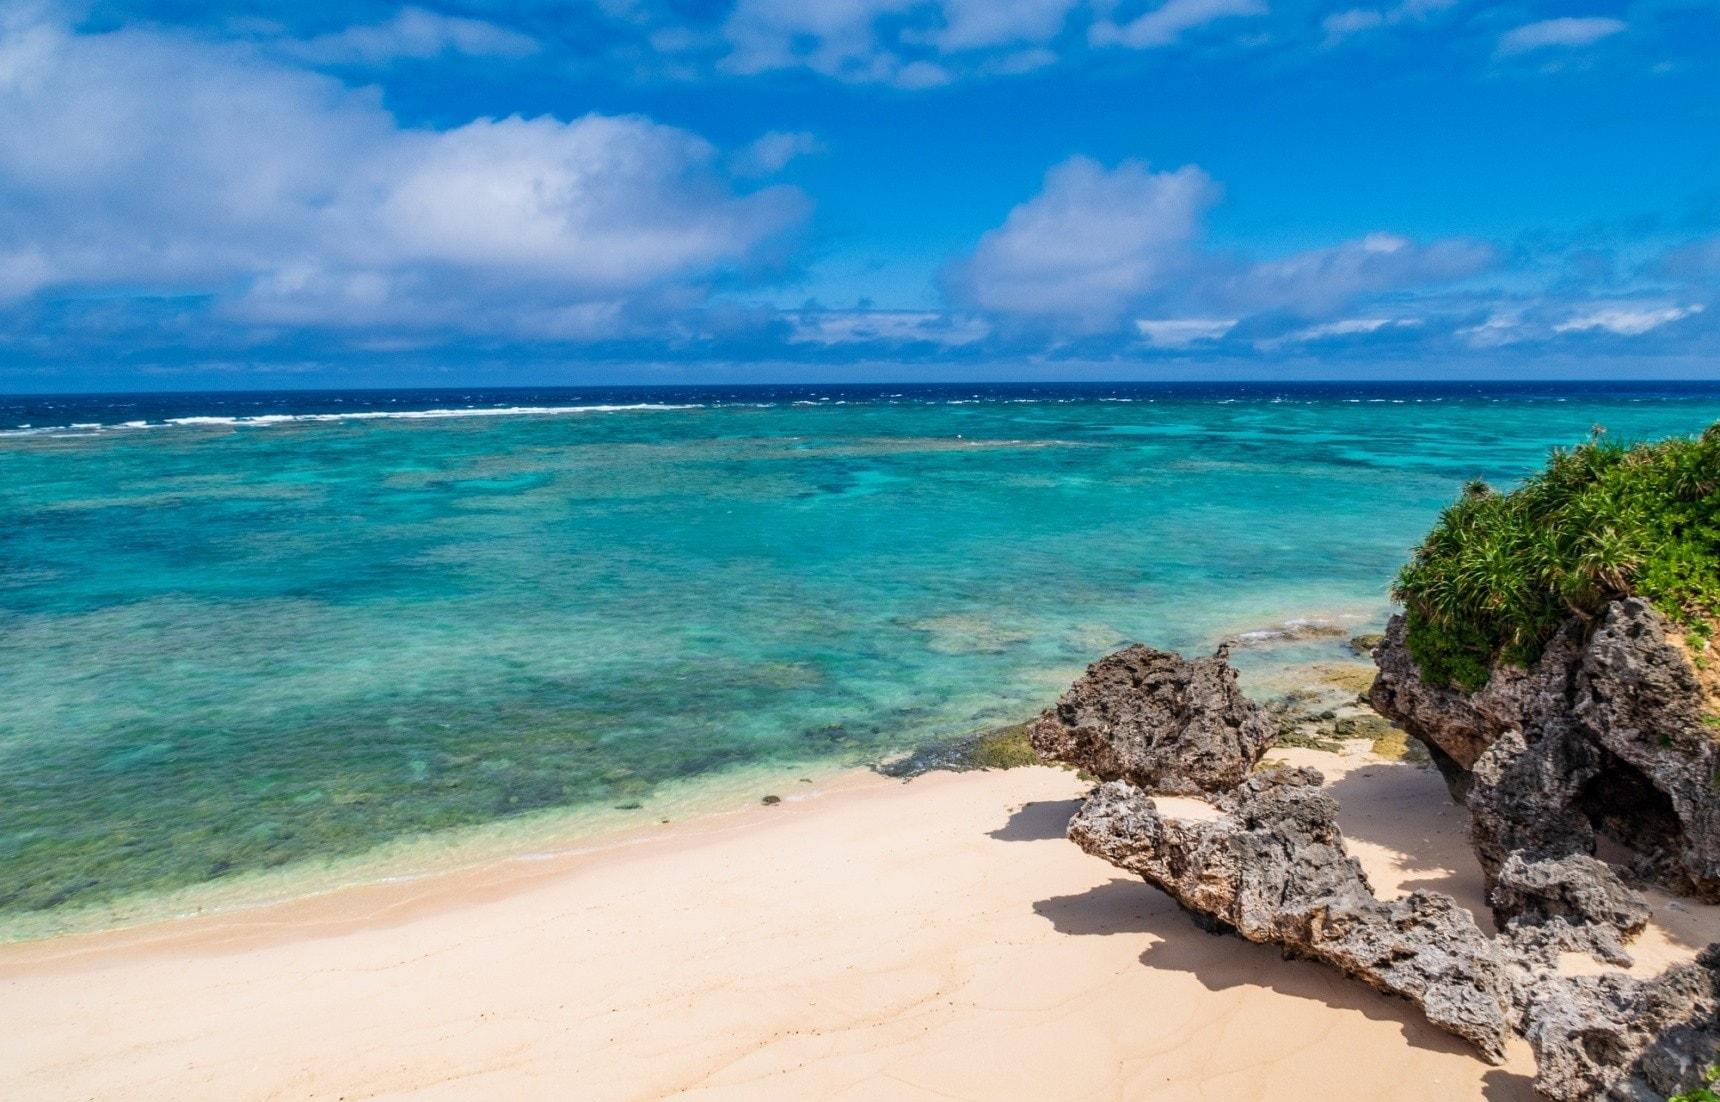 【鹿儿岛】走进南国风渡假胜地「与论岛」 追赶阳光与海滩的夏日步调